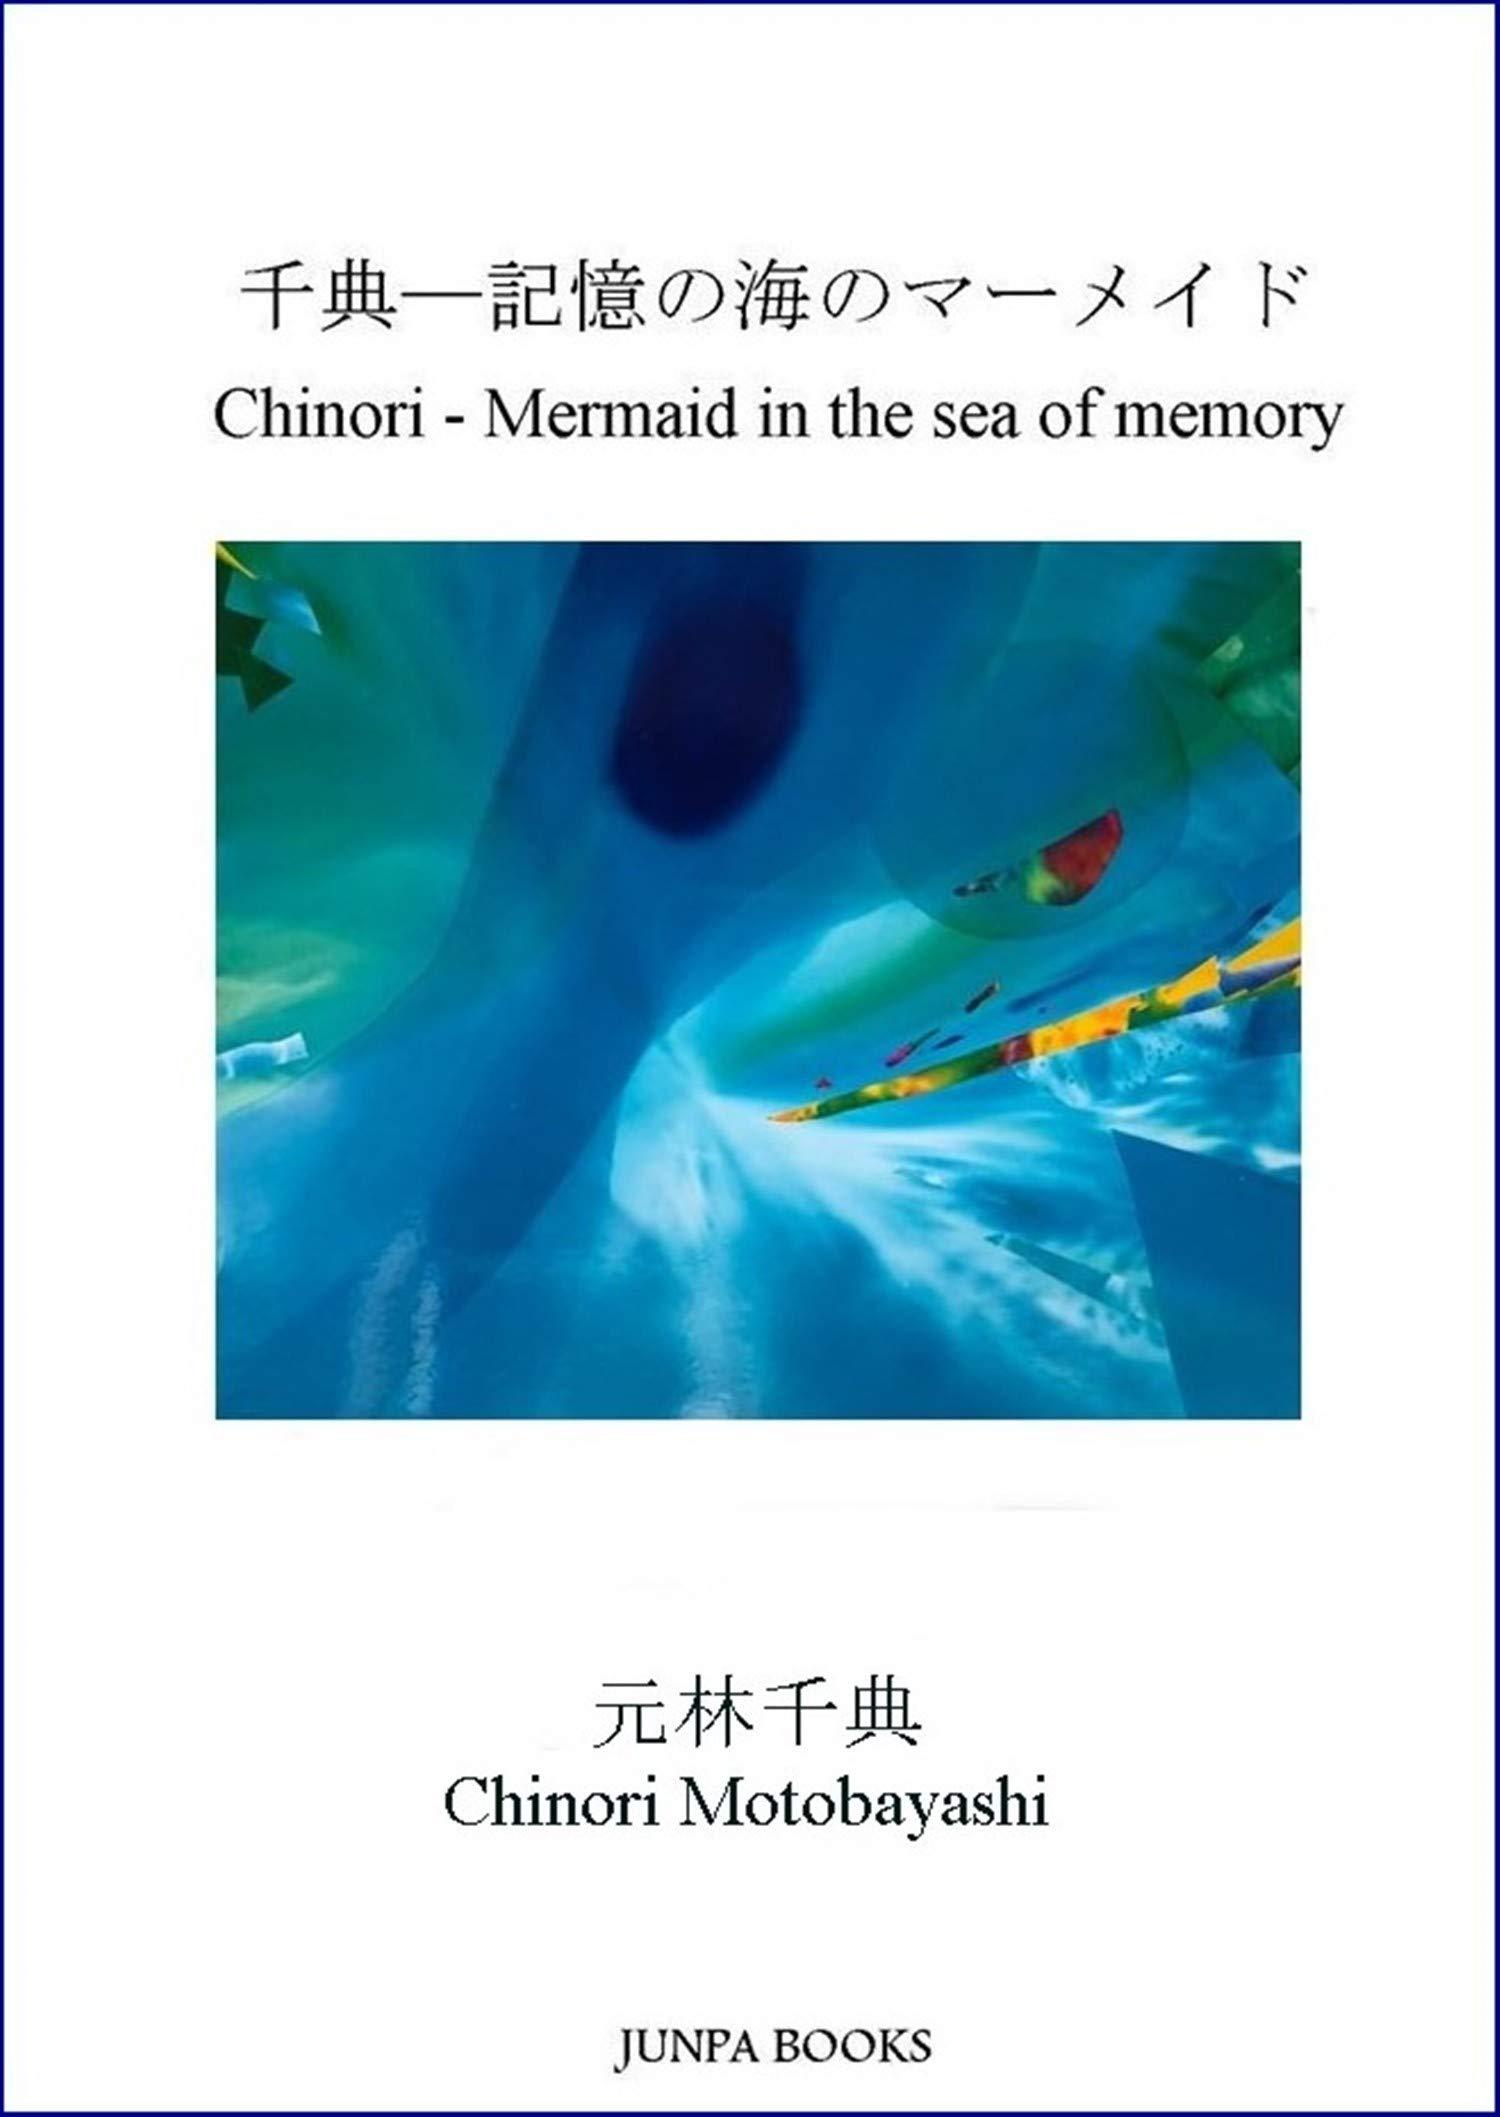 Chinori Kioku no Umi no Mameido: Chinori A mermaid in the sea of memory